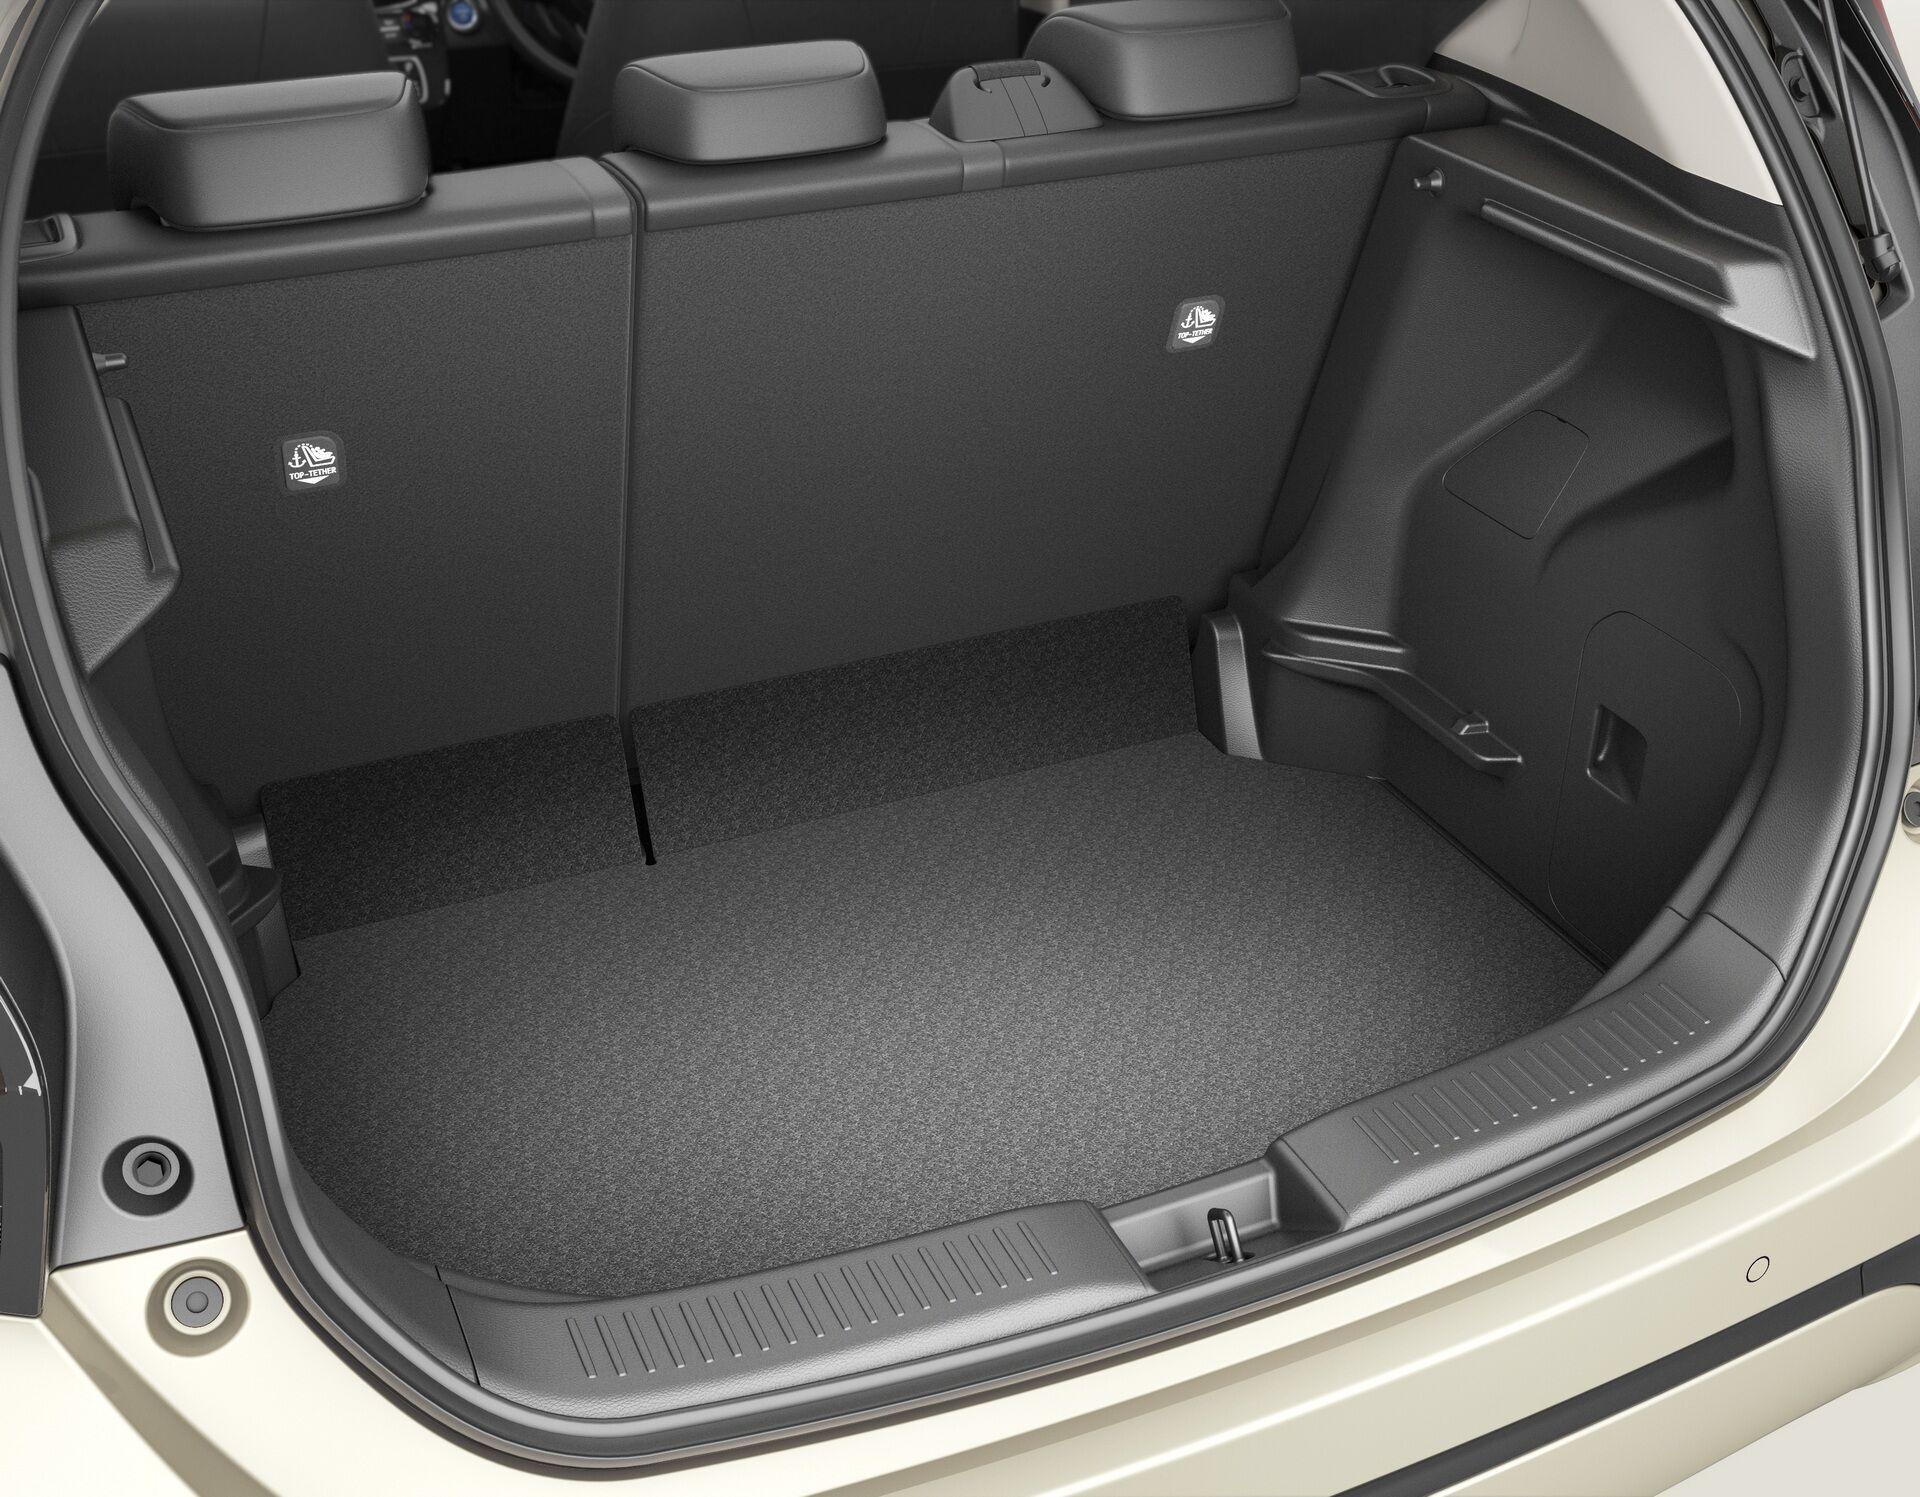 Автомобіль зберіг компактні розміри, але за рахунок збільшеної на 50 мм колісної бази вдалося збільшити внутрішній простір салону і об'ем багажного відділення